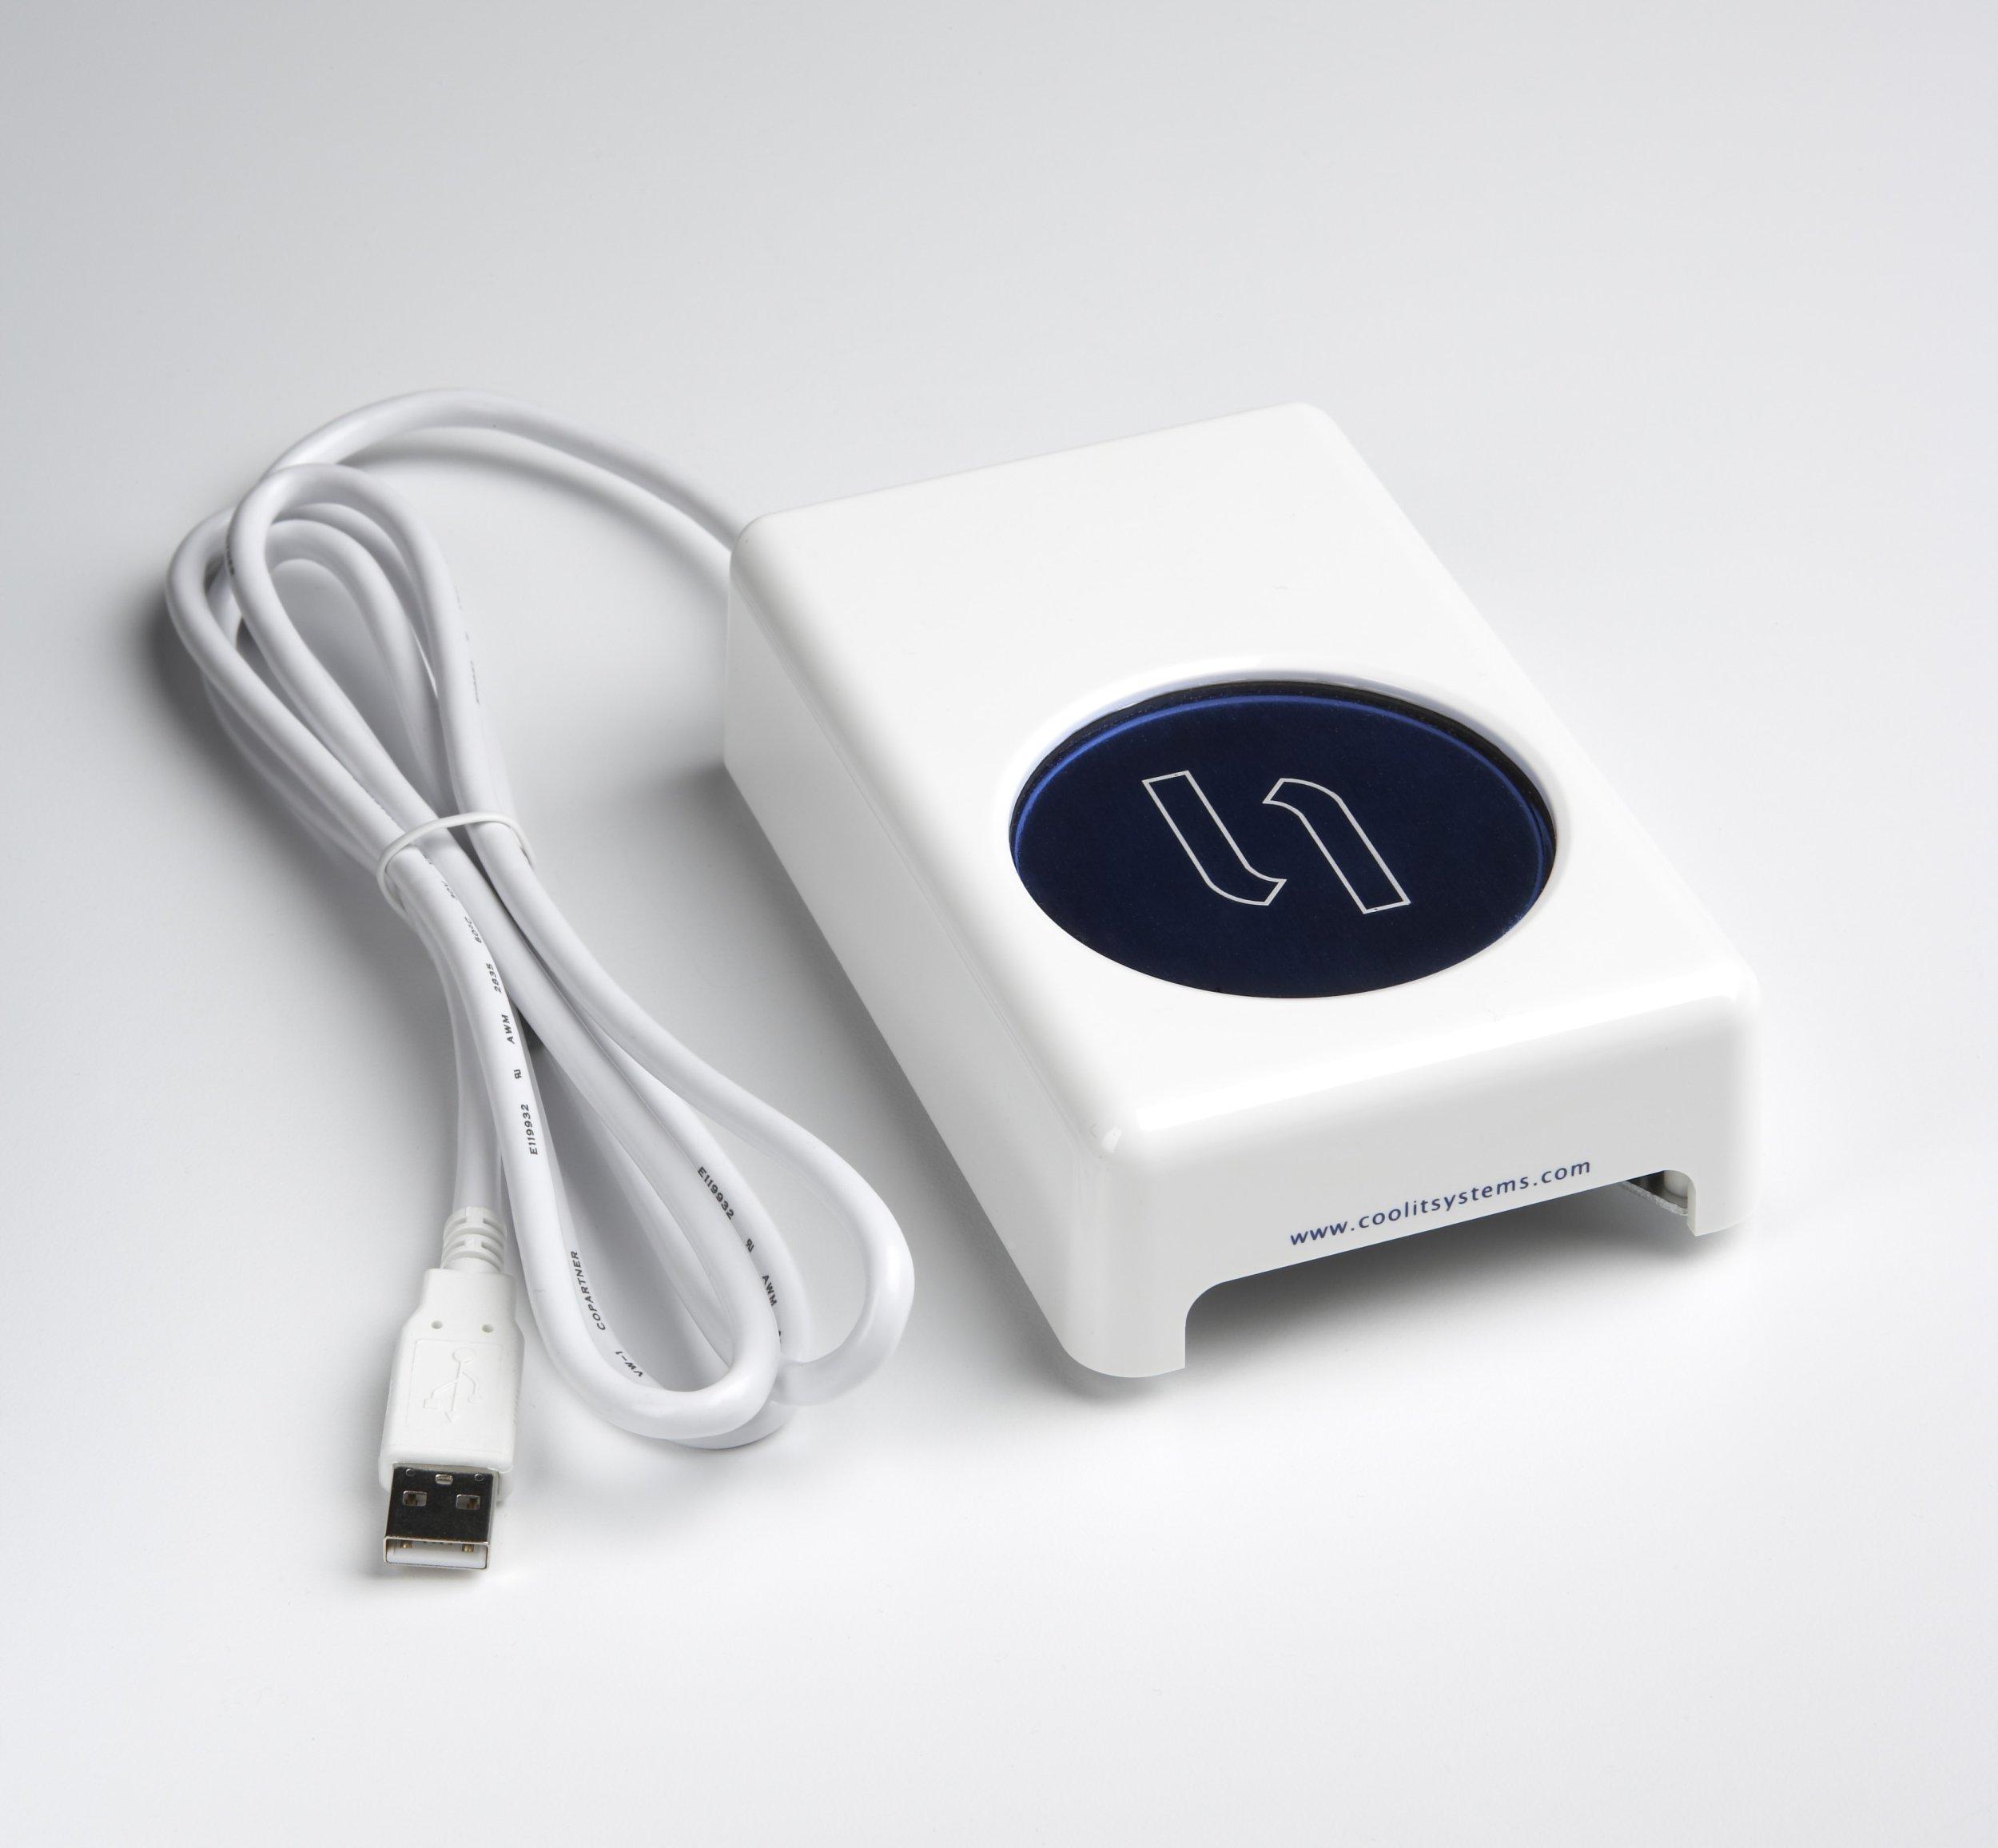 Coolit Systems USB Beverage Chiller